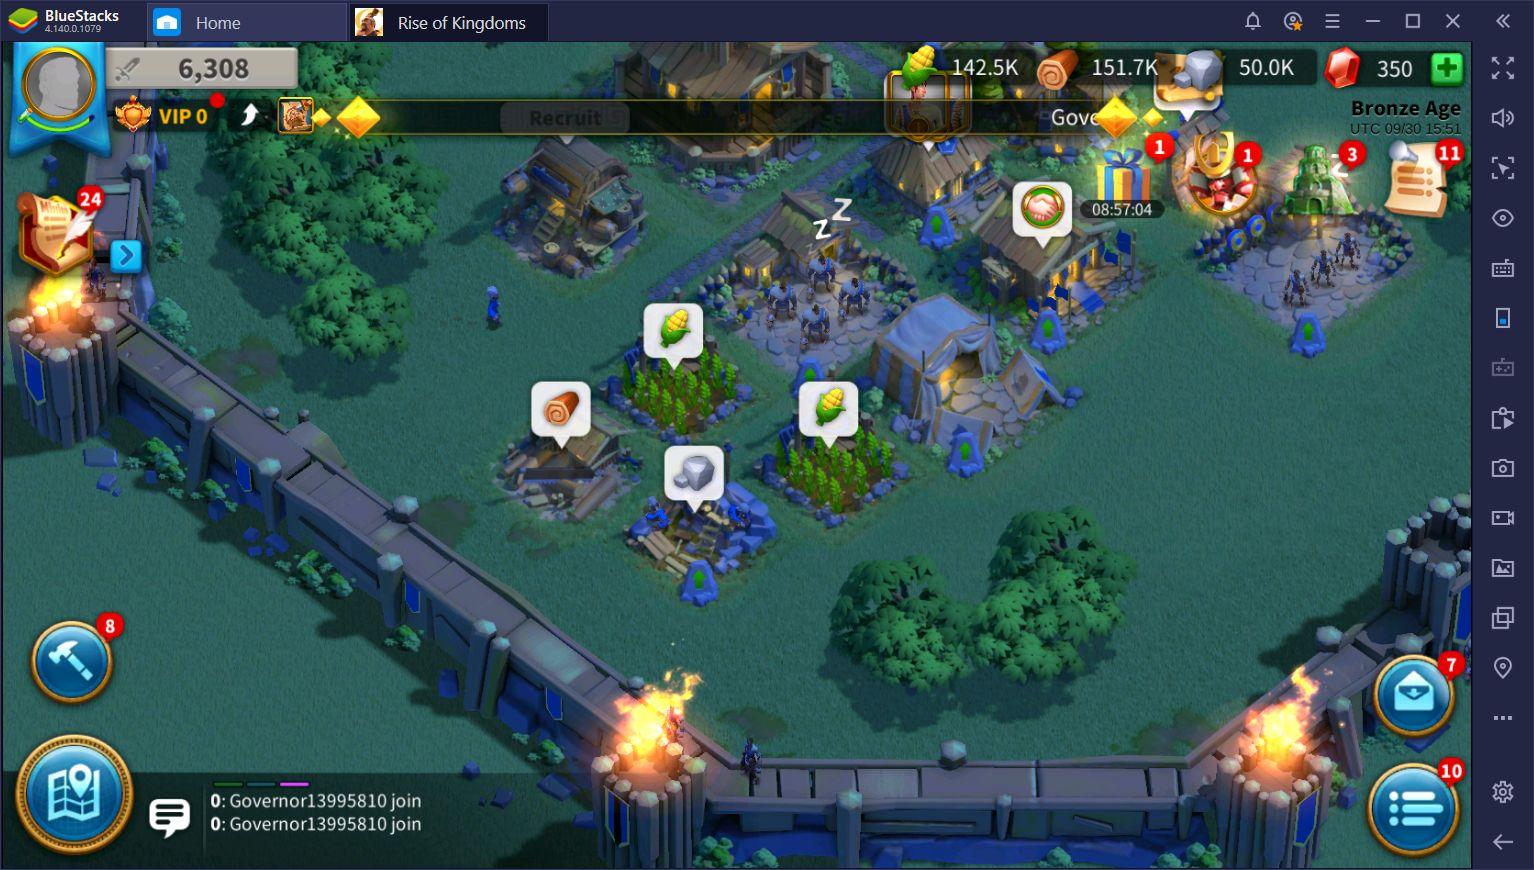 Mengotomatiskan Aksi Berulang di Rise of Kingdoms di PC dengan BlueStacks Macros